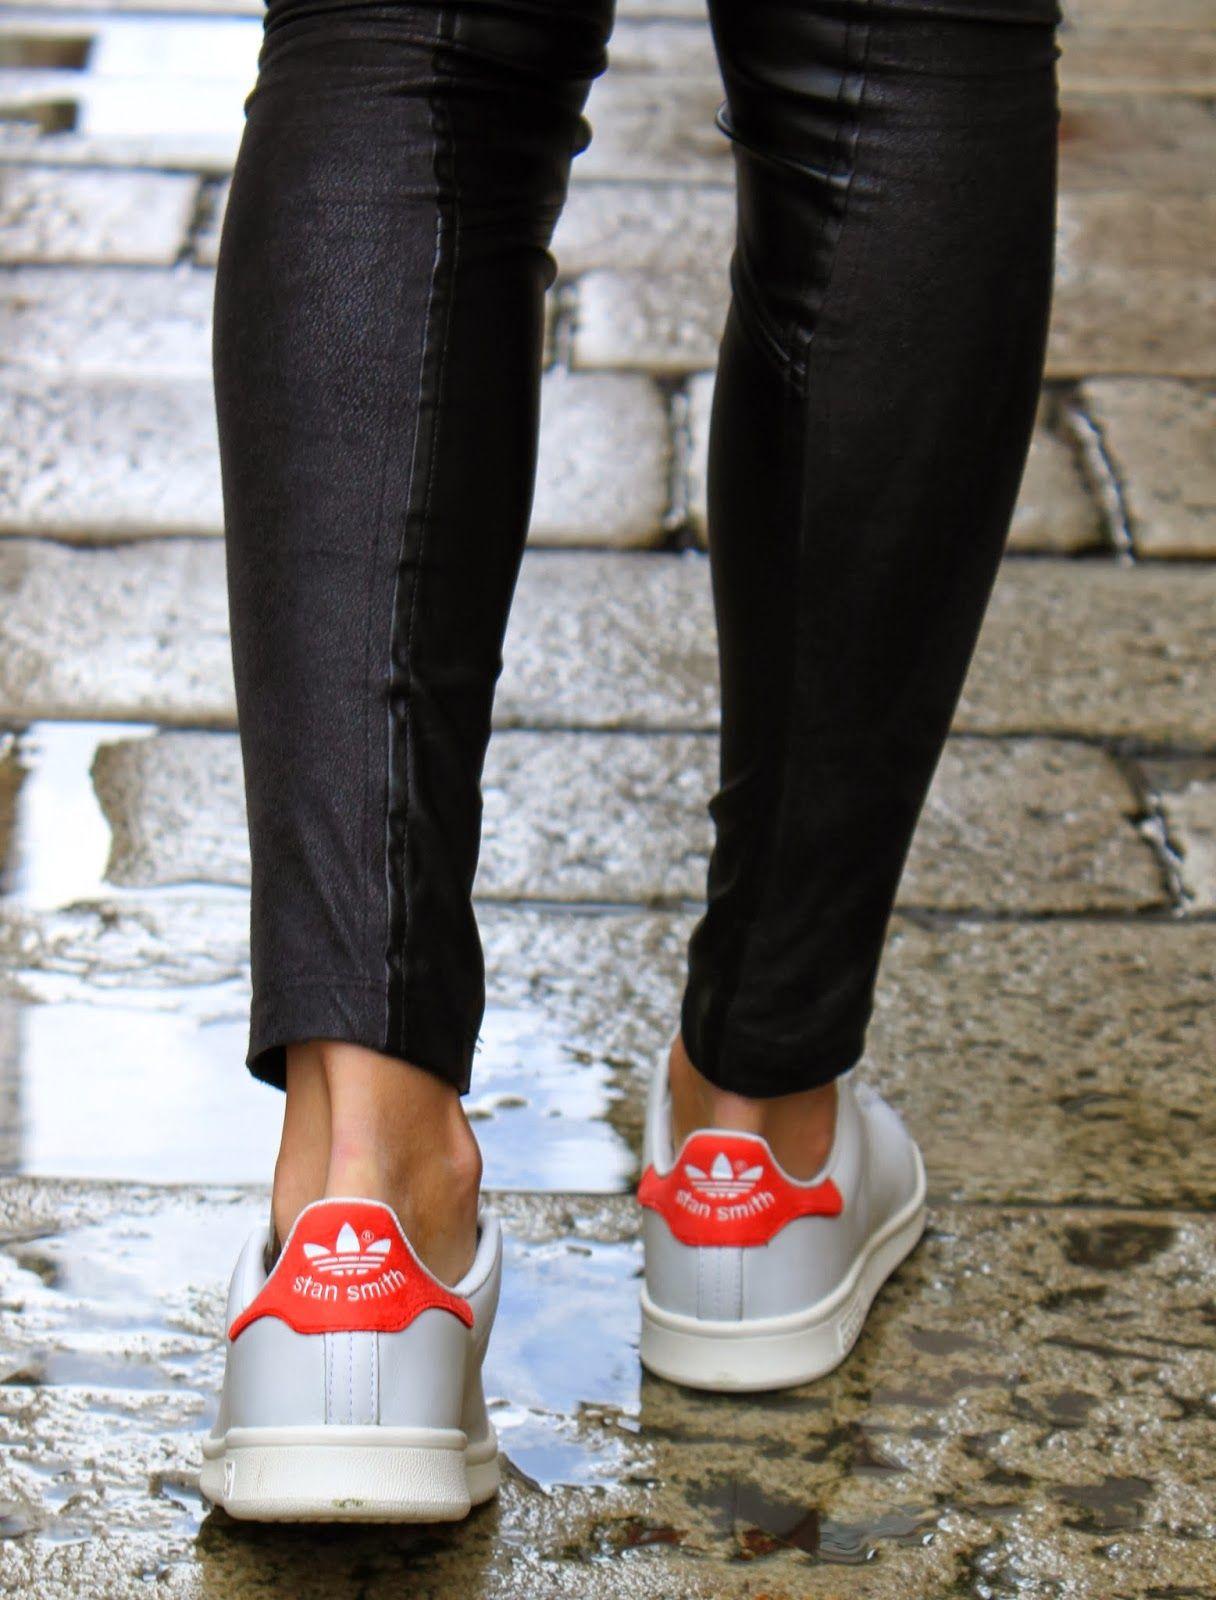 Jabón Escritor por favor no lo hagas  Walk with Stan Smith (donkeycool) | Stan smith, Adidas stan smith red, Shoes